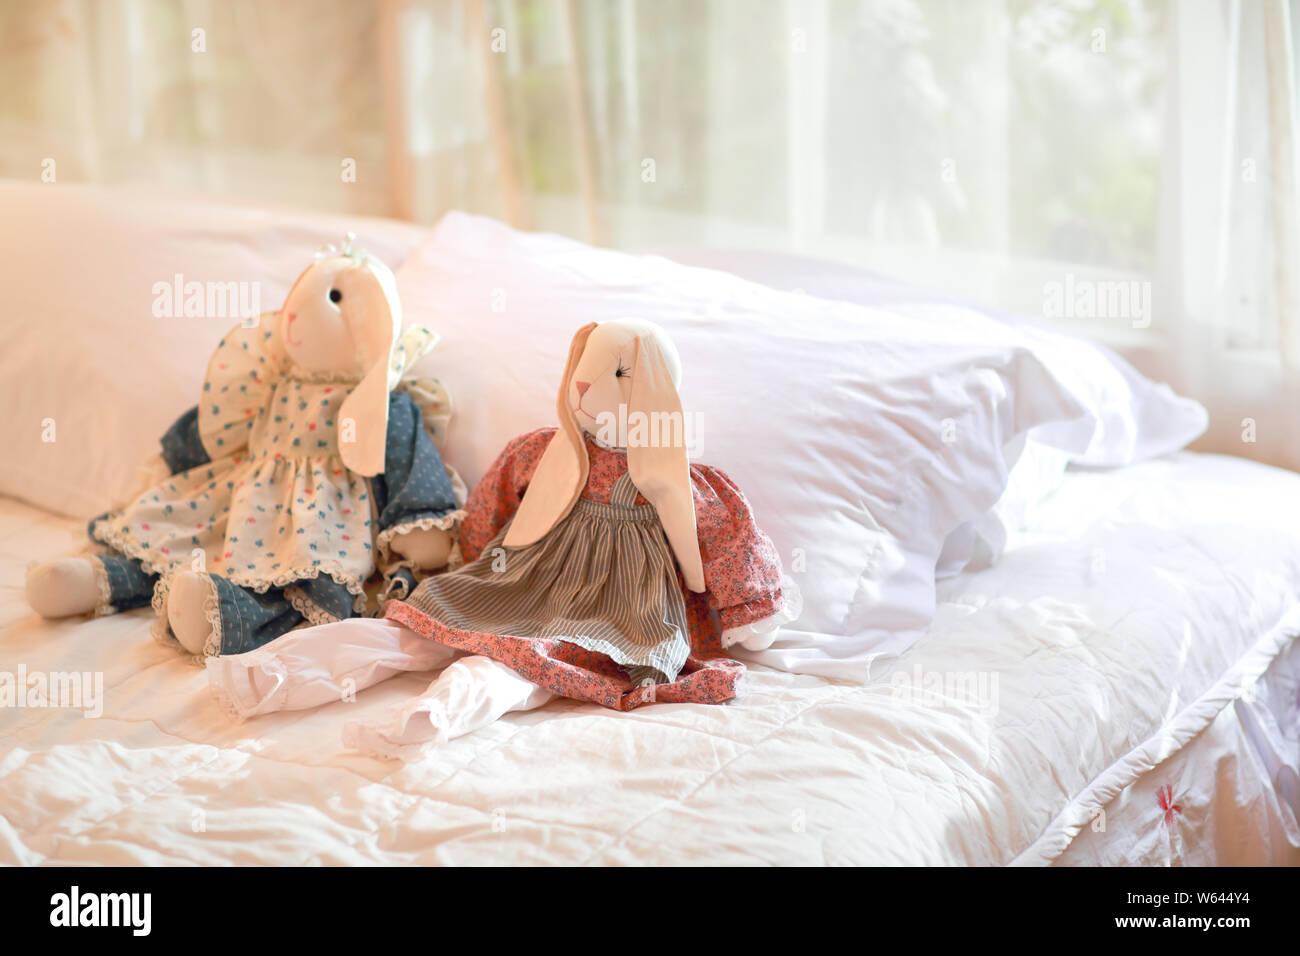 Modernes Schlafzimmer Mit Kaninchen Puppen Auf Dem Bett Stockfotografie Alamy